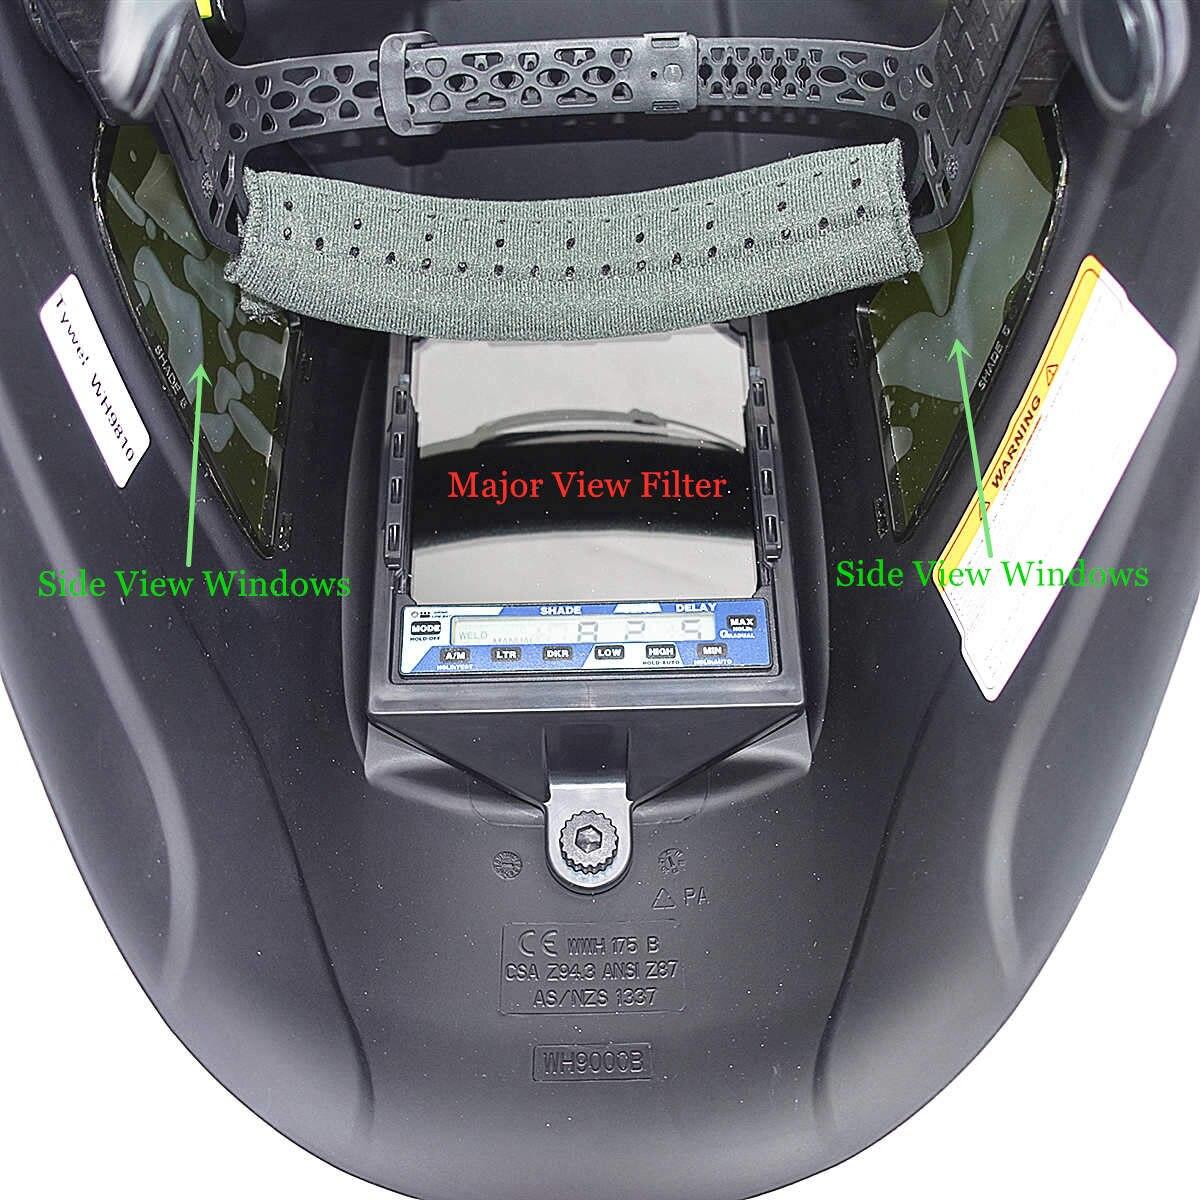 Máscara de soldadura de escurecimento automático 3 vista windows tamanho 100x93mm (3.94x3.66 ) din 4 13 óptico 1111 5 sensores ce capacete de soldagem - 4